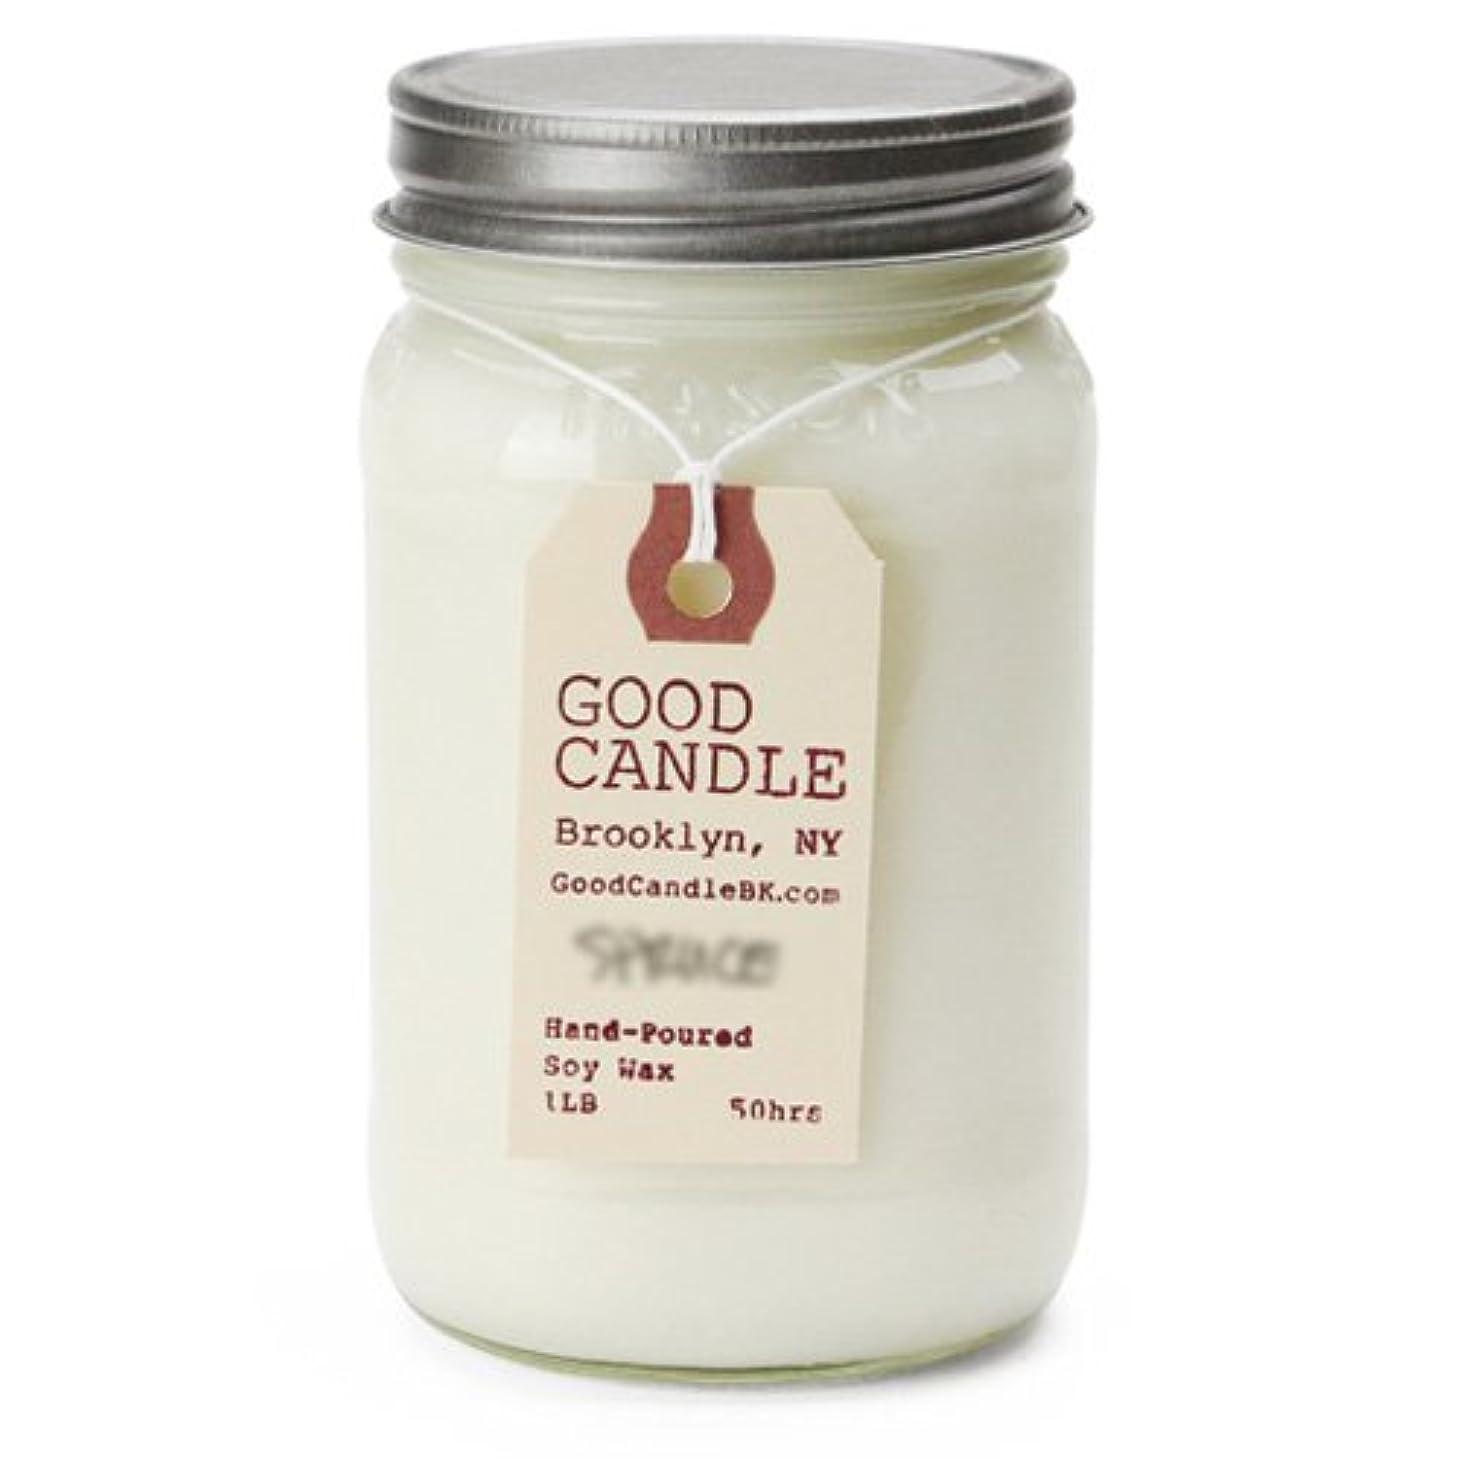 トーン腹六分儀グッドキャンドル 1ポンド メイソンジャー キャンドル Good Candle 1LB Mason jar candle [ Wash board ] 正規品